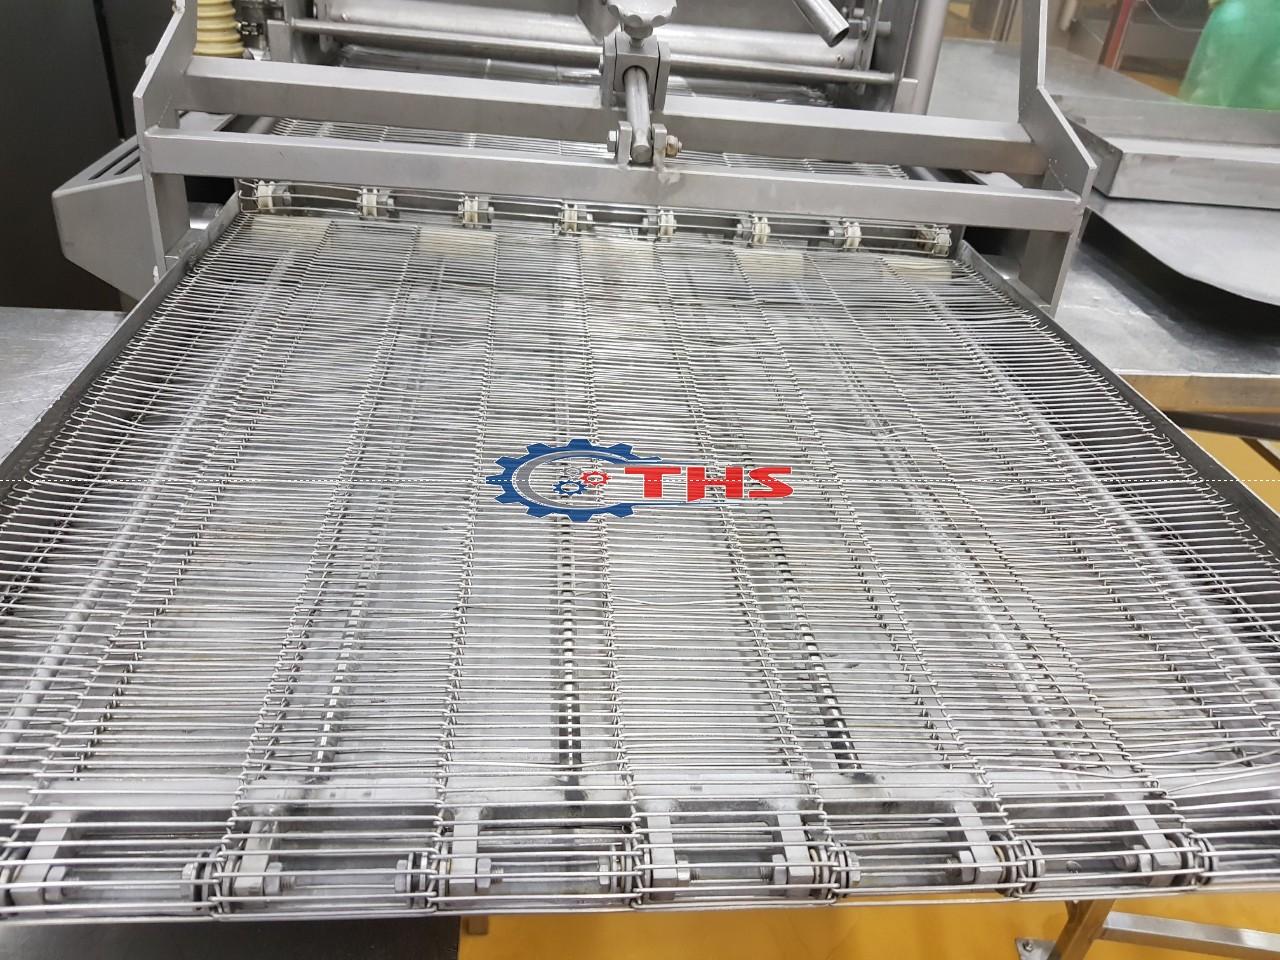 Băng tải được làm từ vật liệu Inox 304, chịu được nhiệt độ cao, chịu nước, bề mặt thoáng khí nên được sử dụng nhiều trong các nhà máy thực phẩm, máy chiên, nướng bánh.